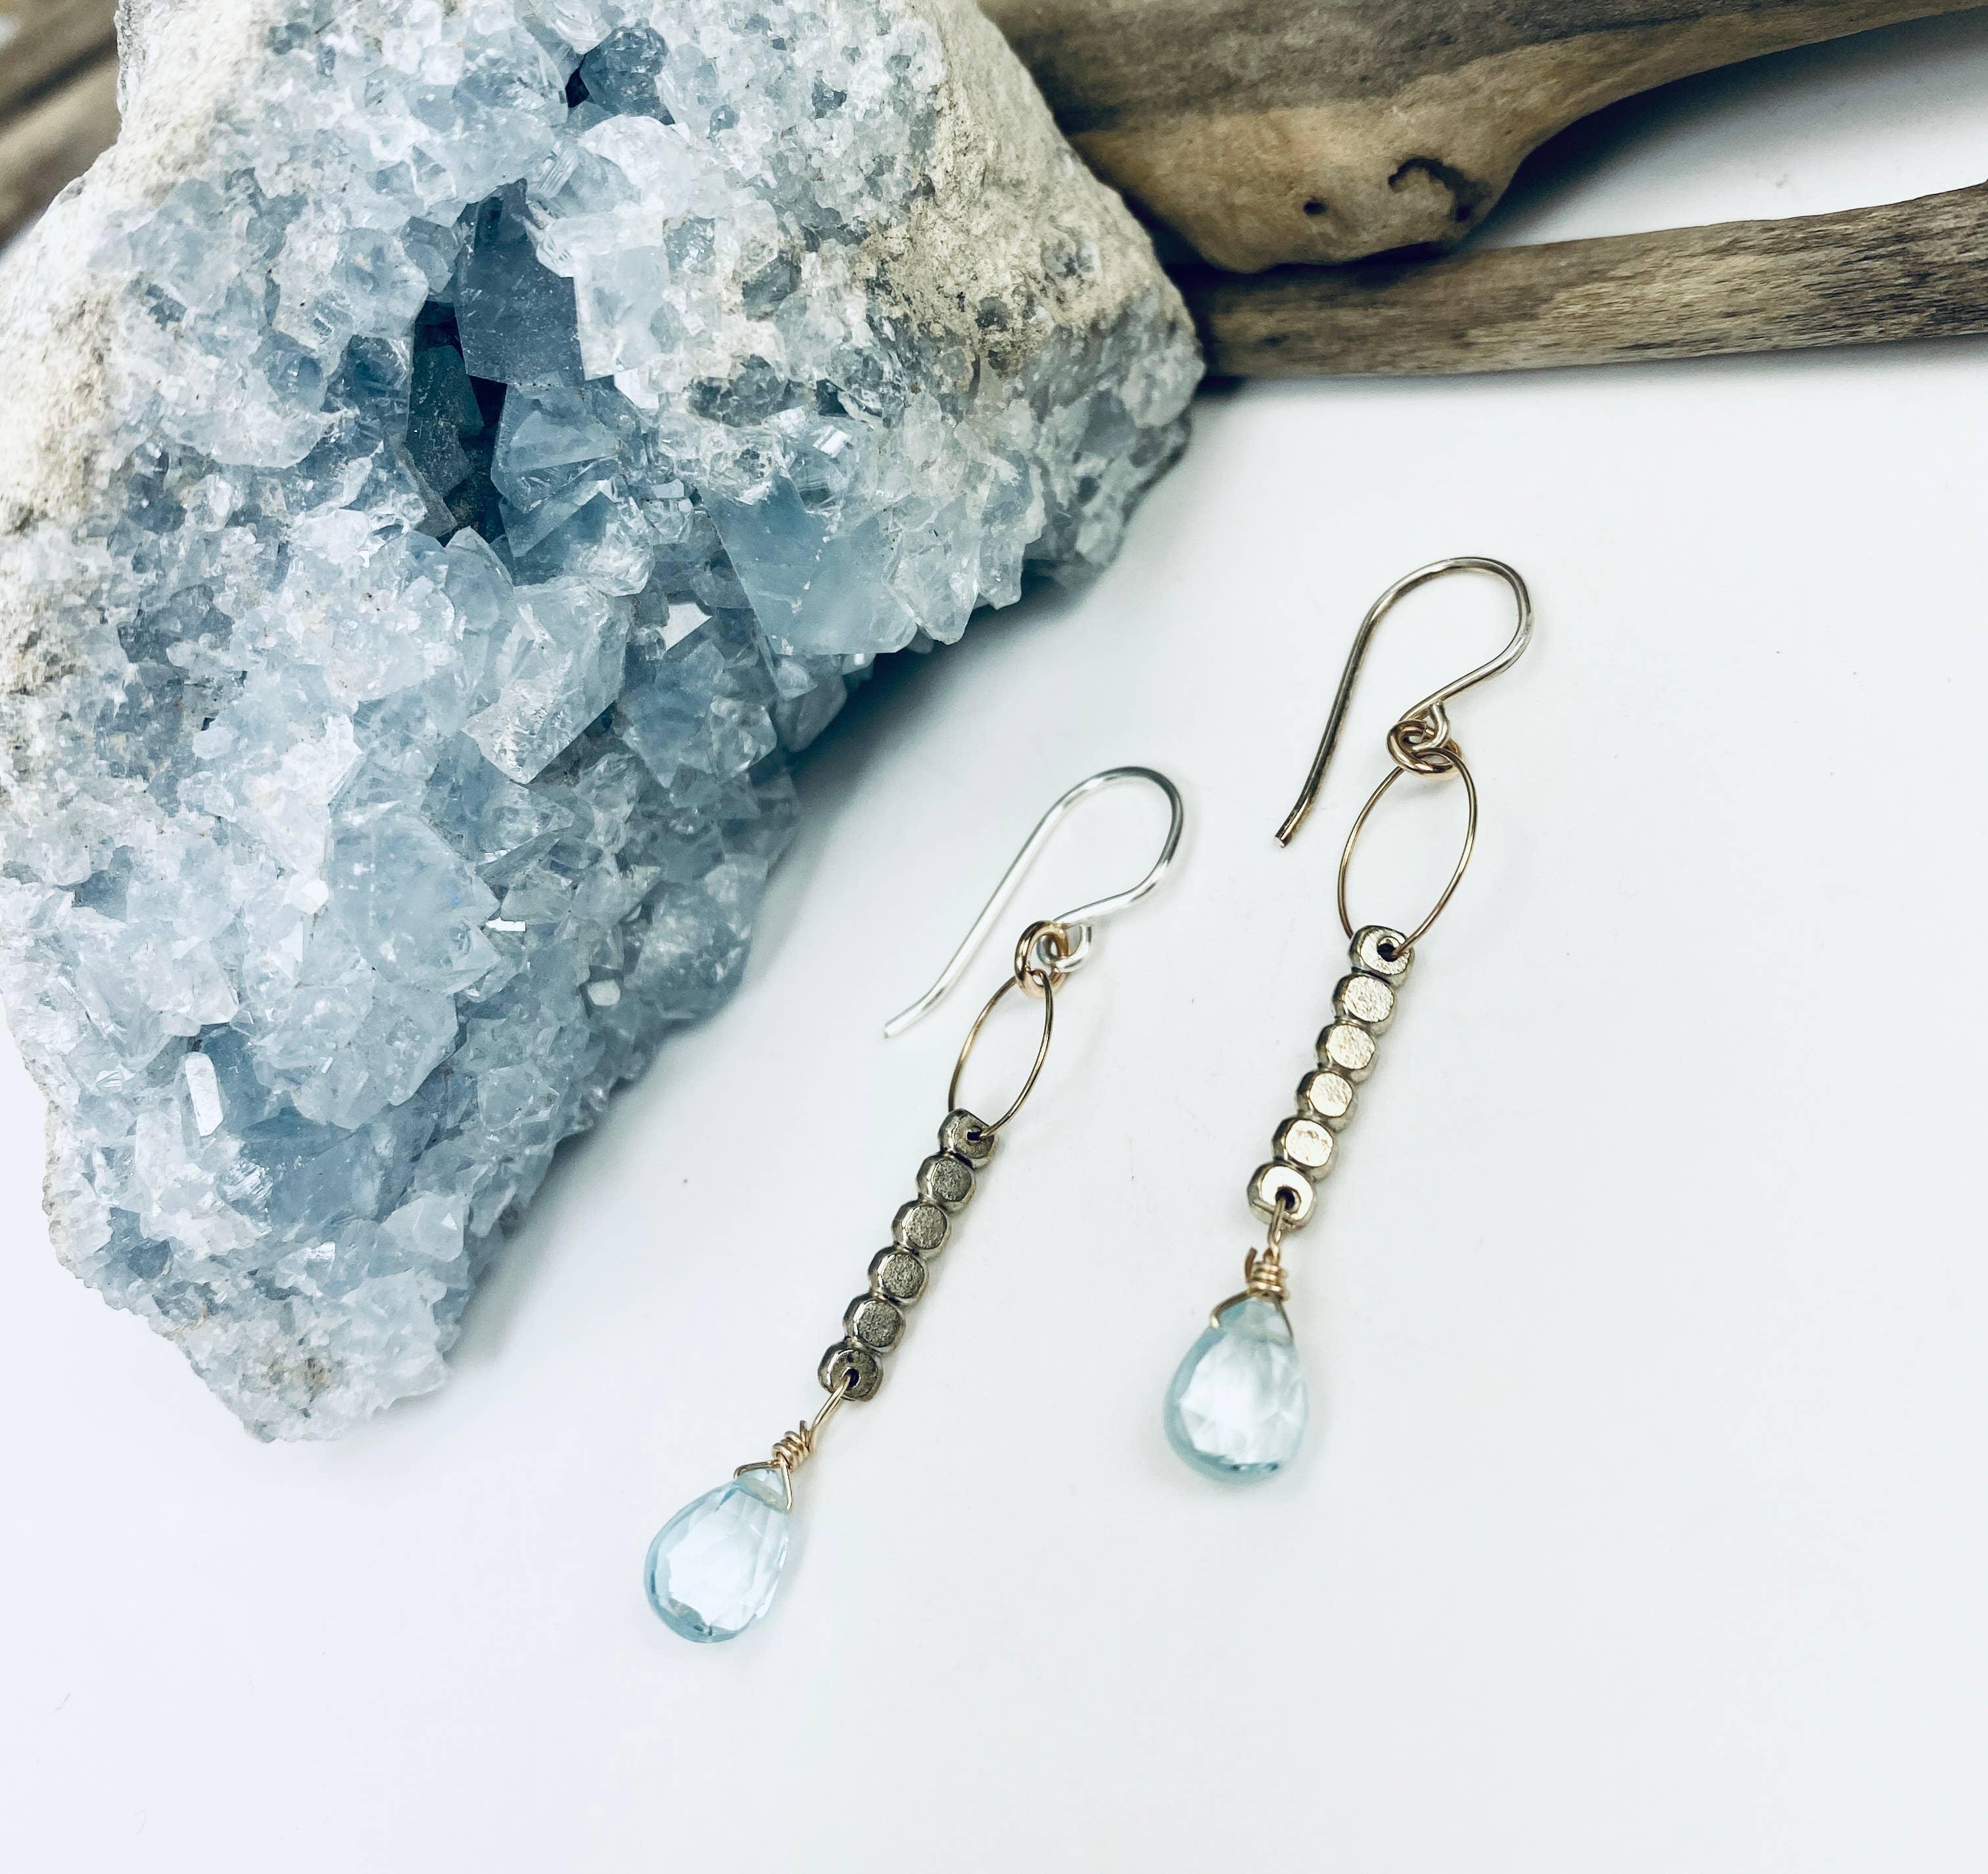 Blue Topaz Serenity Dream Earrings